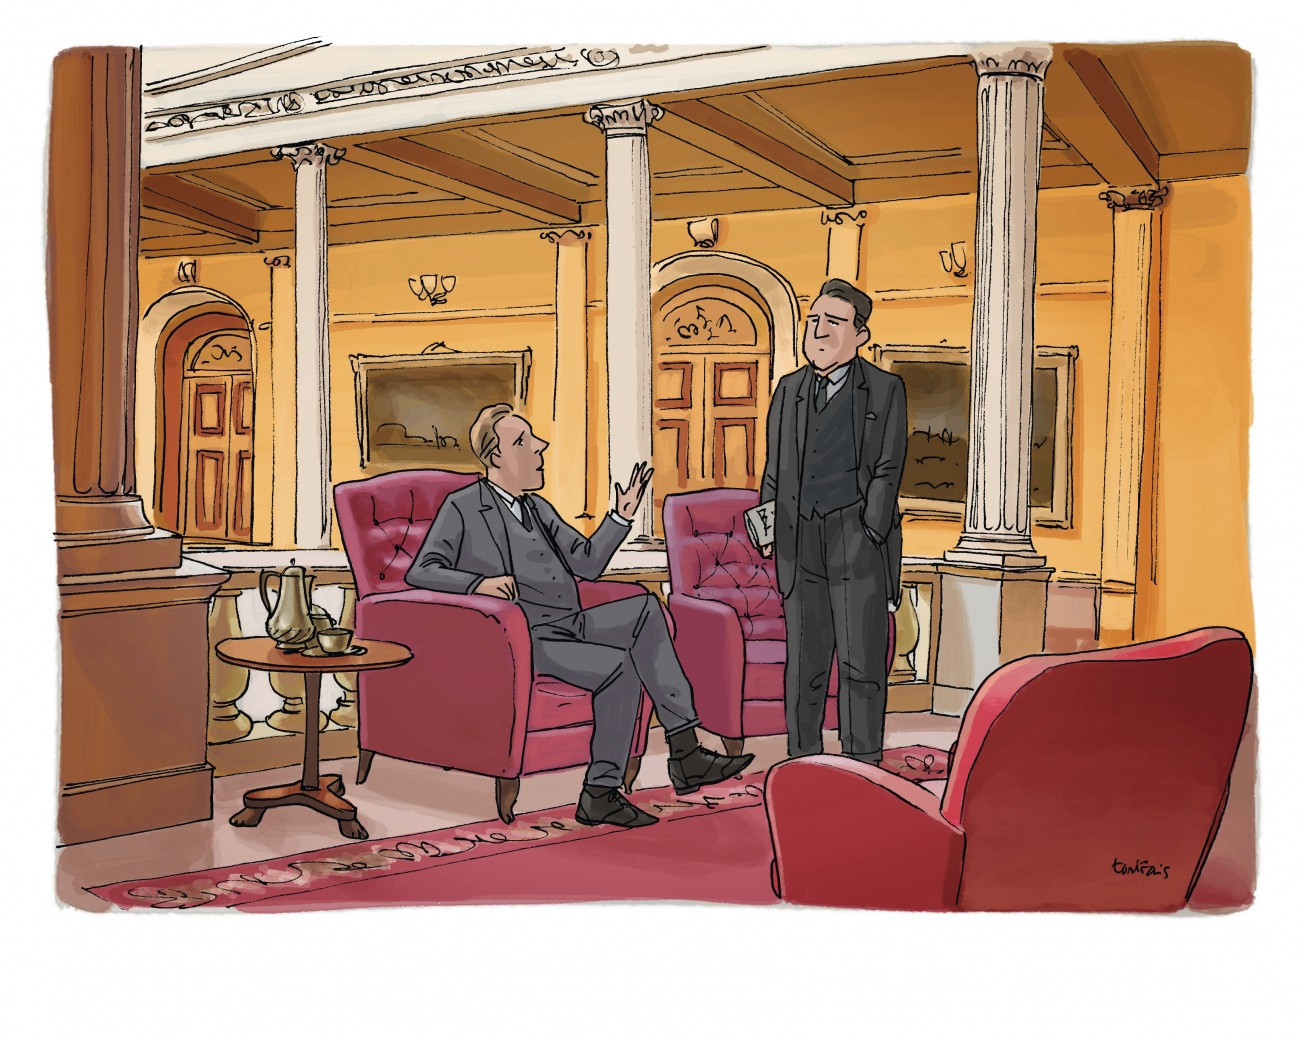 Illustration inégalités société France